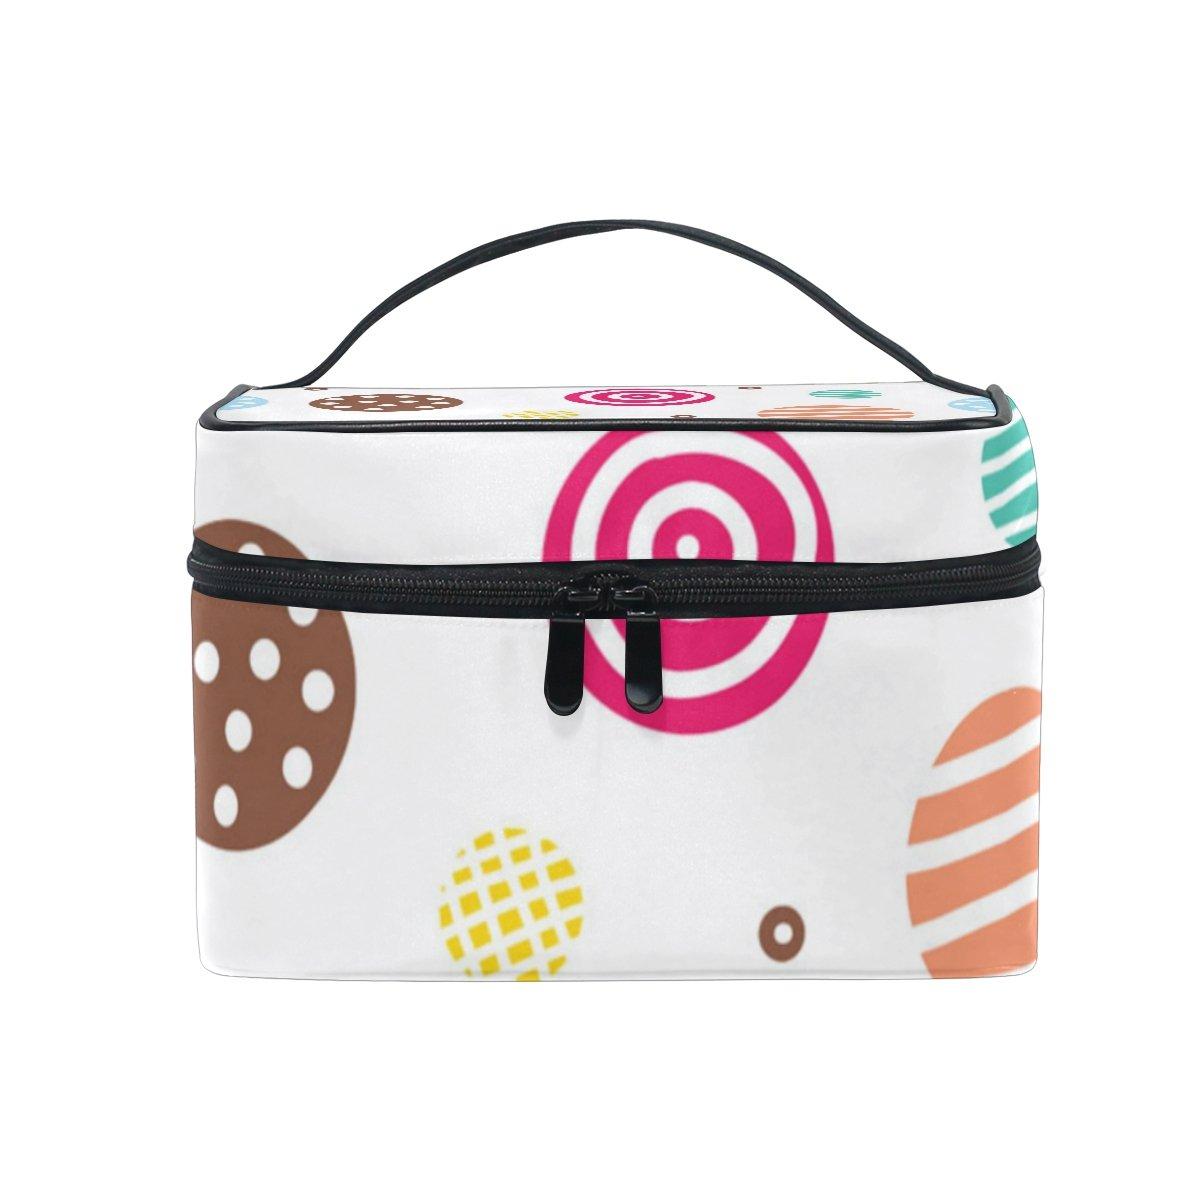 ALAZA Sac cosmétique mignon Cercle coloré avec rayures et Dot Makeup Case Voyage Organisateur de stockage